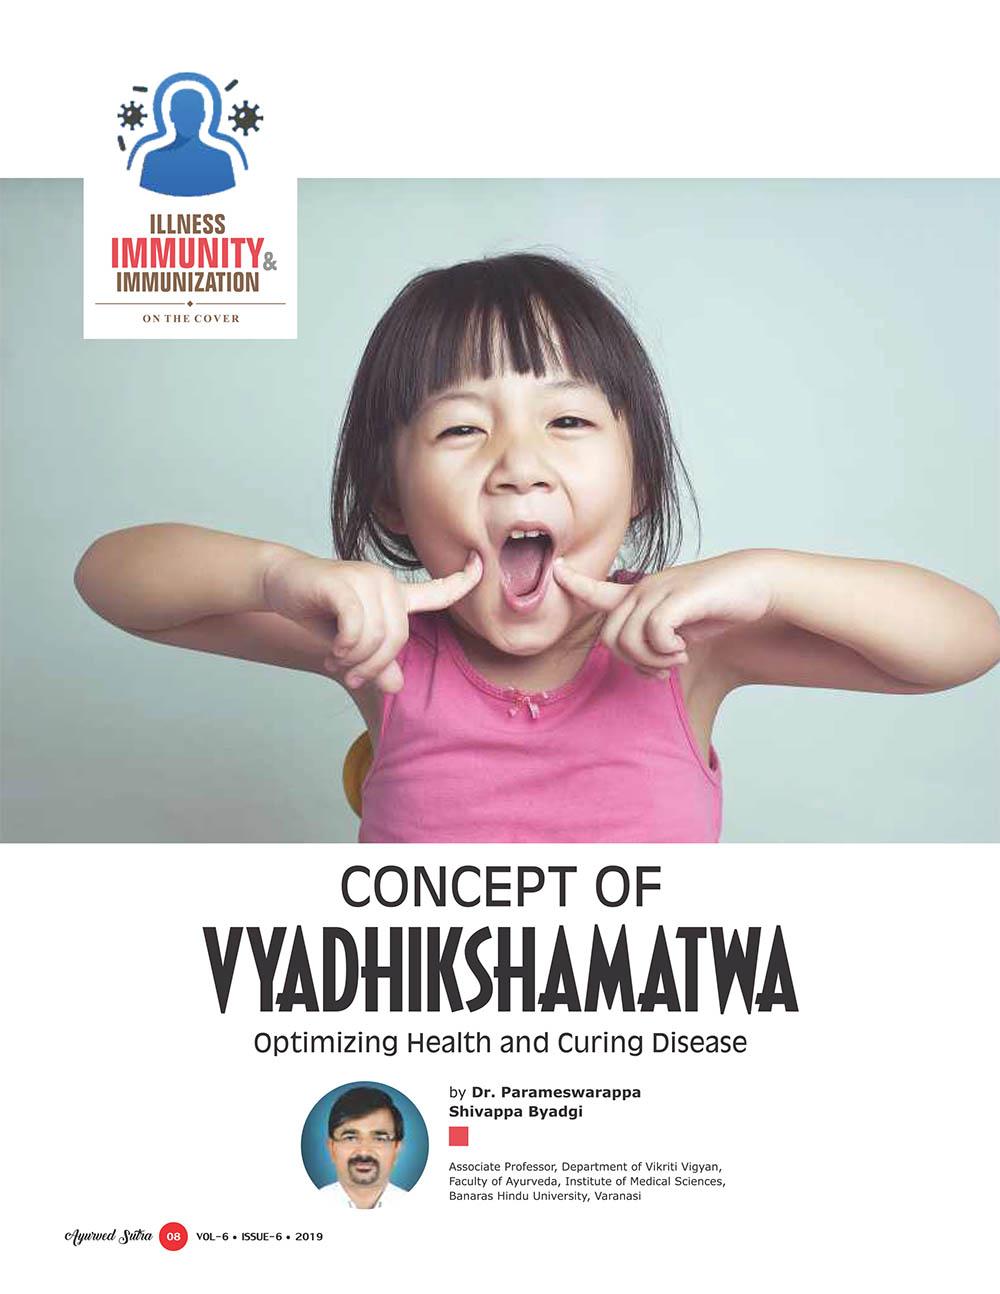 Concept of Vyadhikshamatva